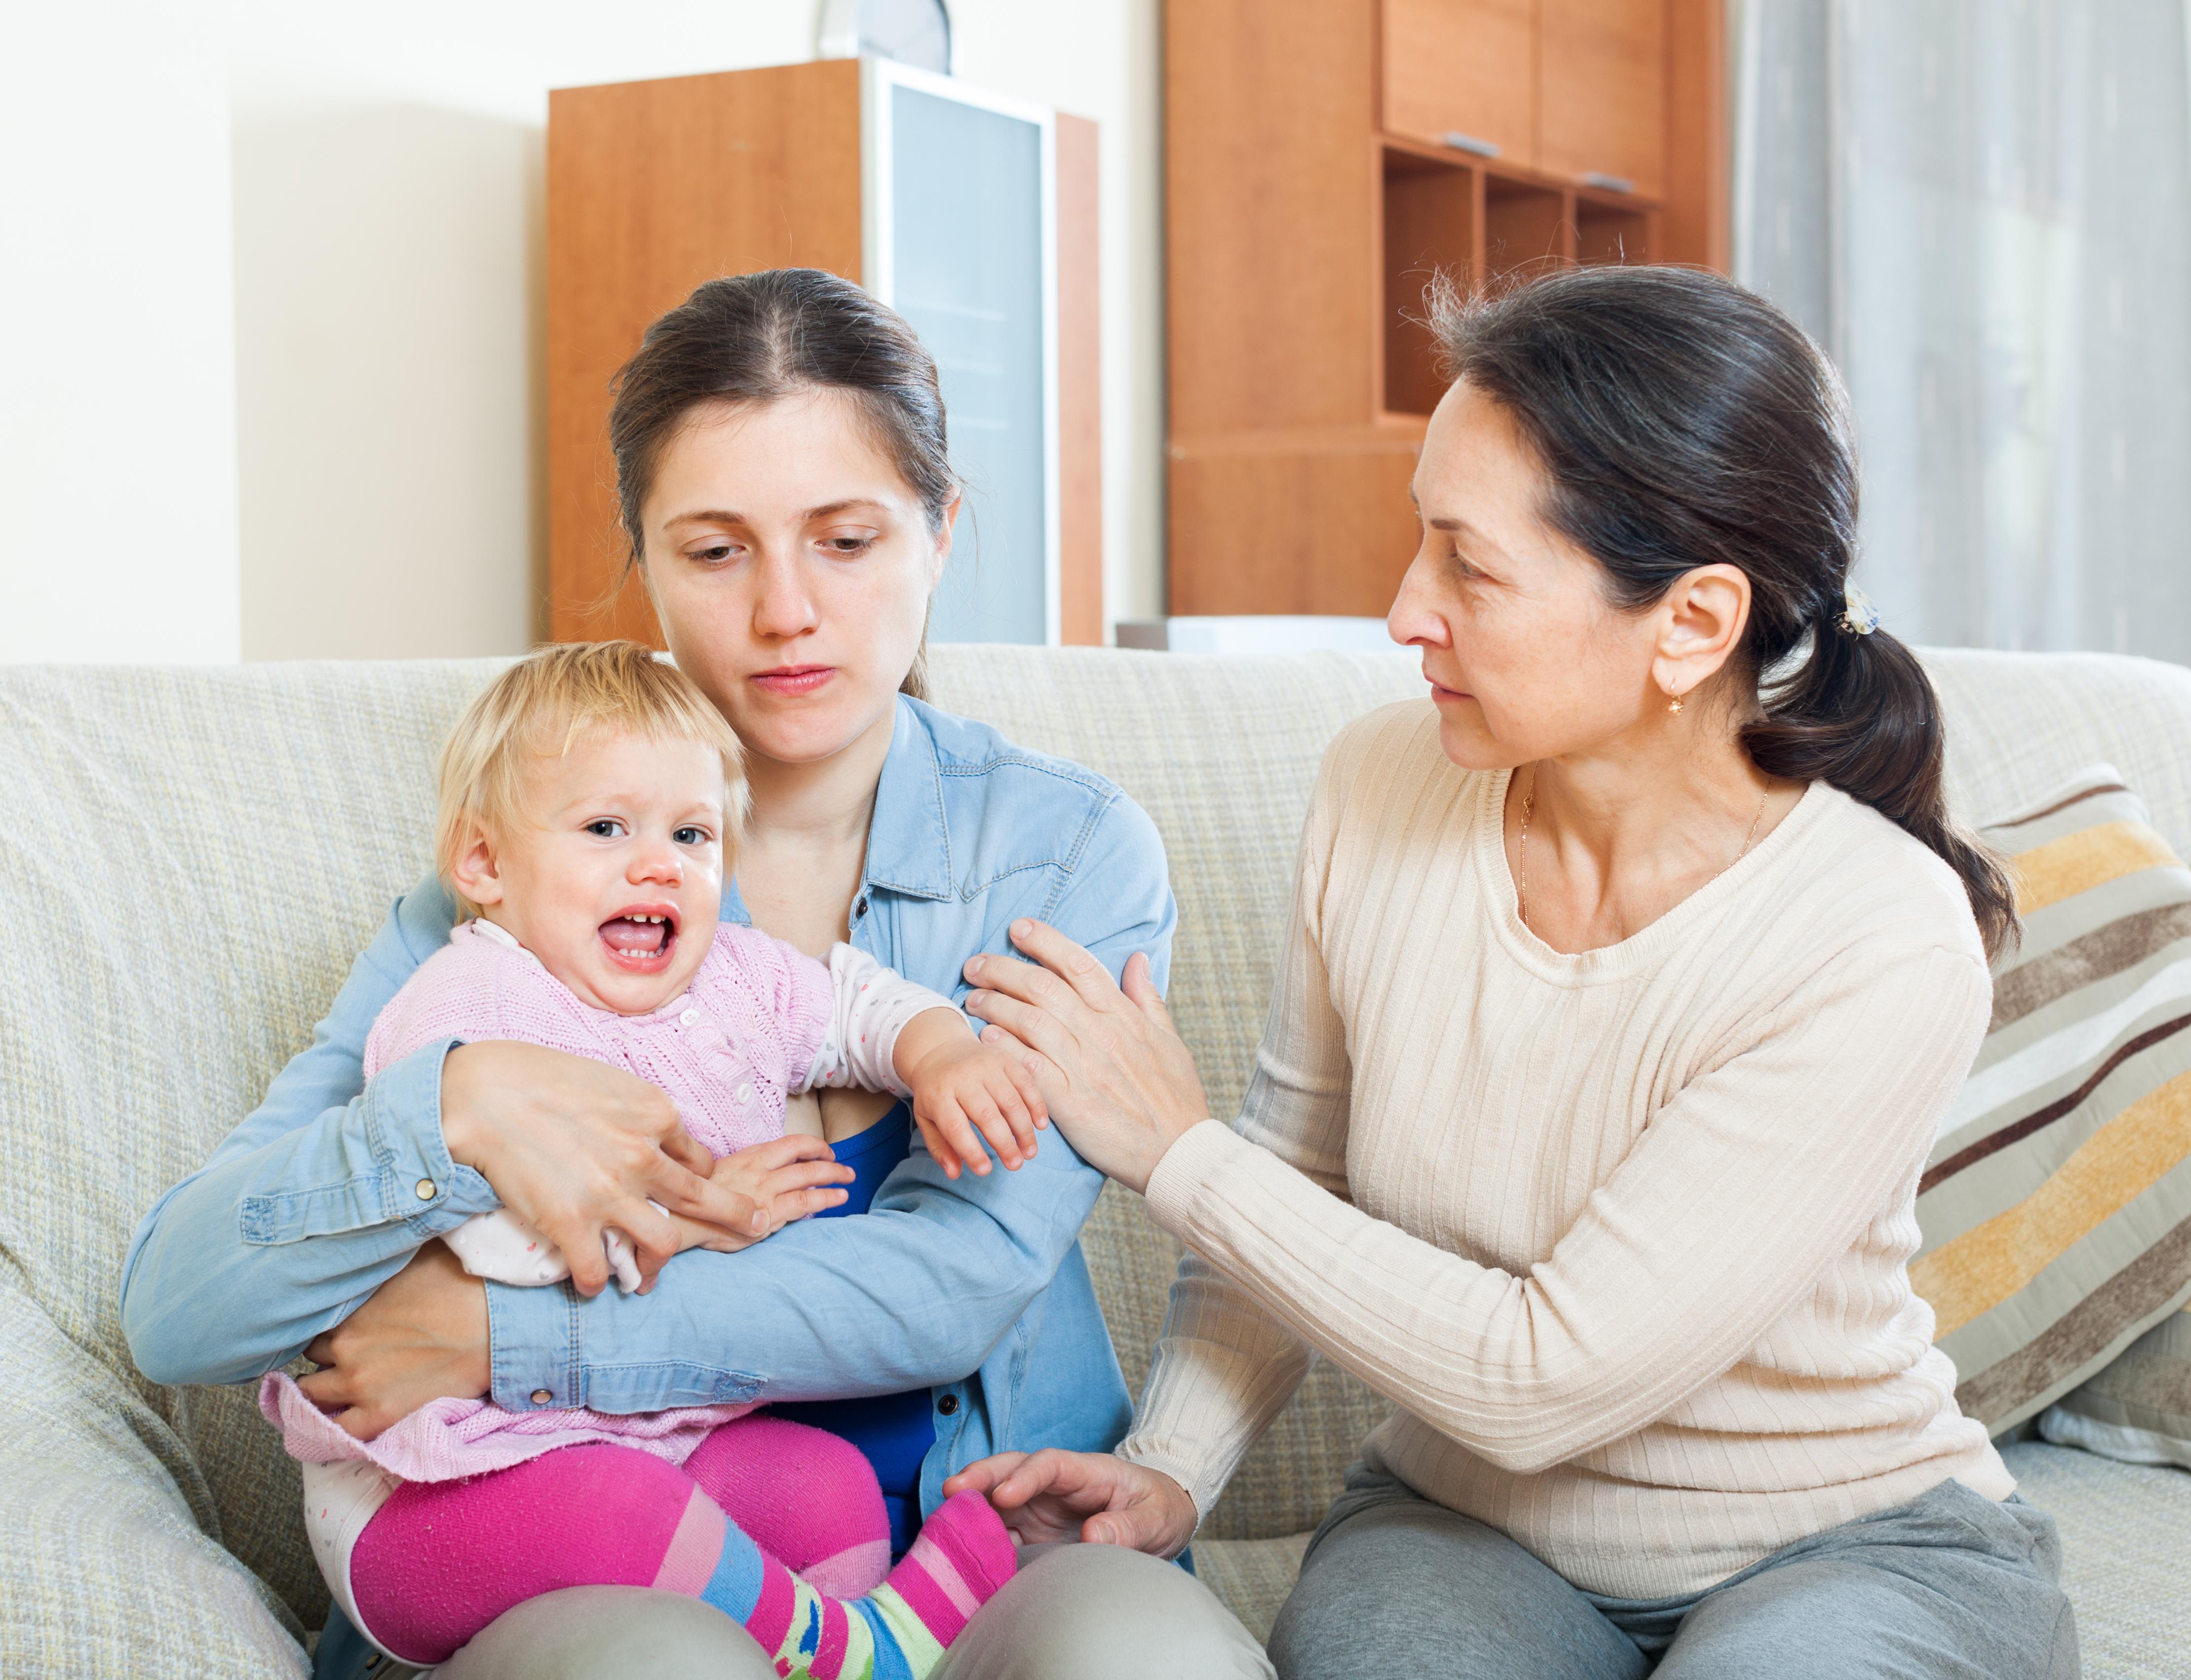 postpartum panic